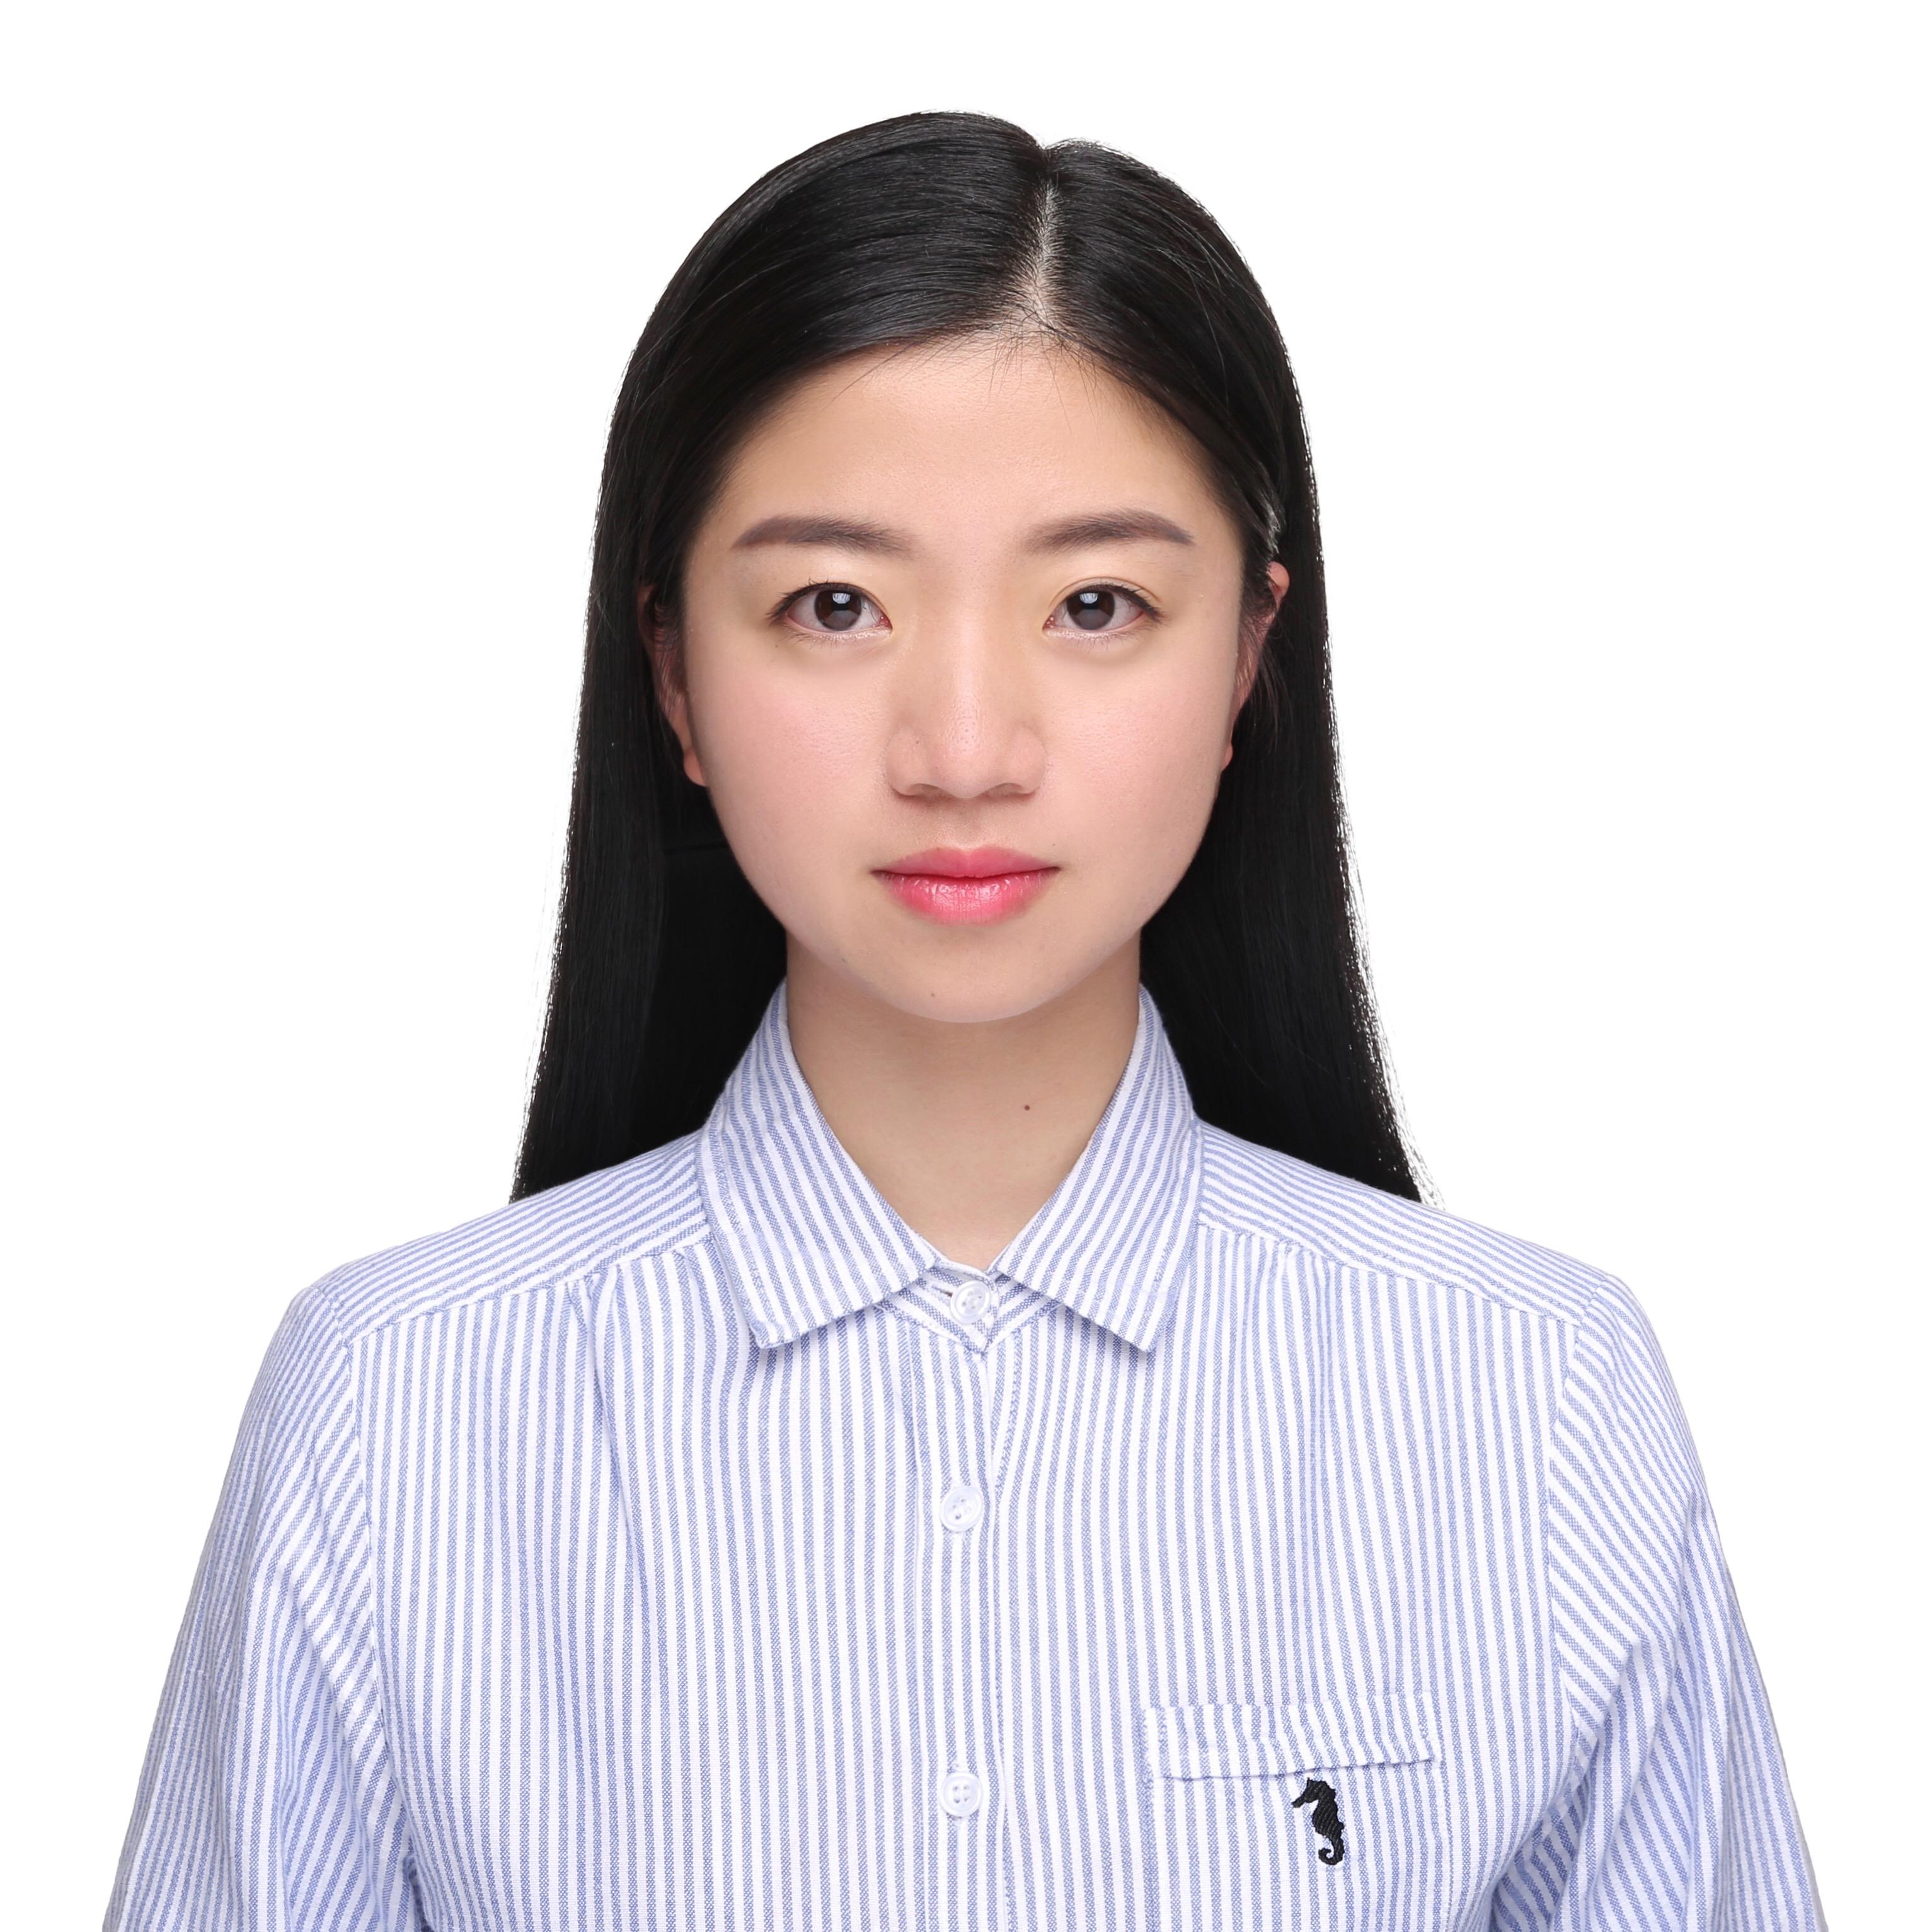 18届-陈濛露